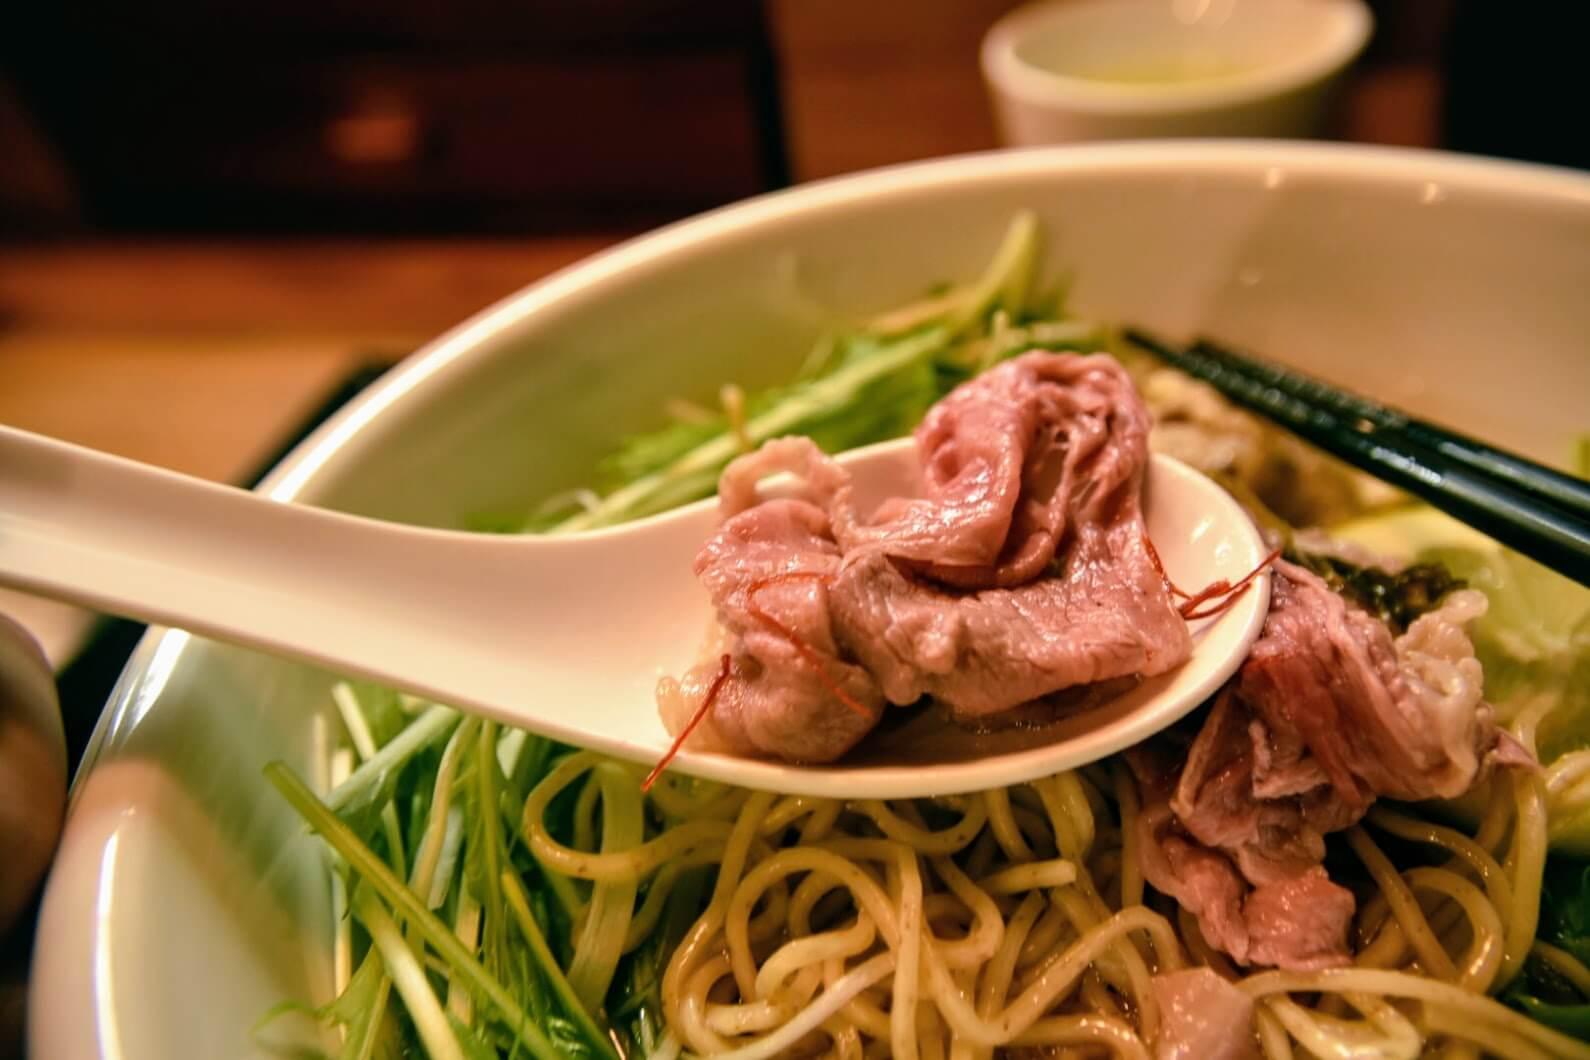 お肉を熱々のスープにしゃぶしゃぶとくぐらせる